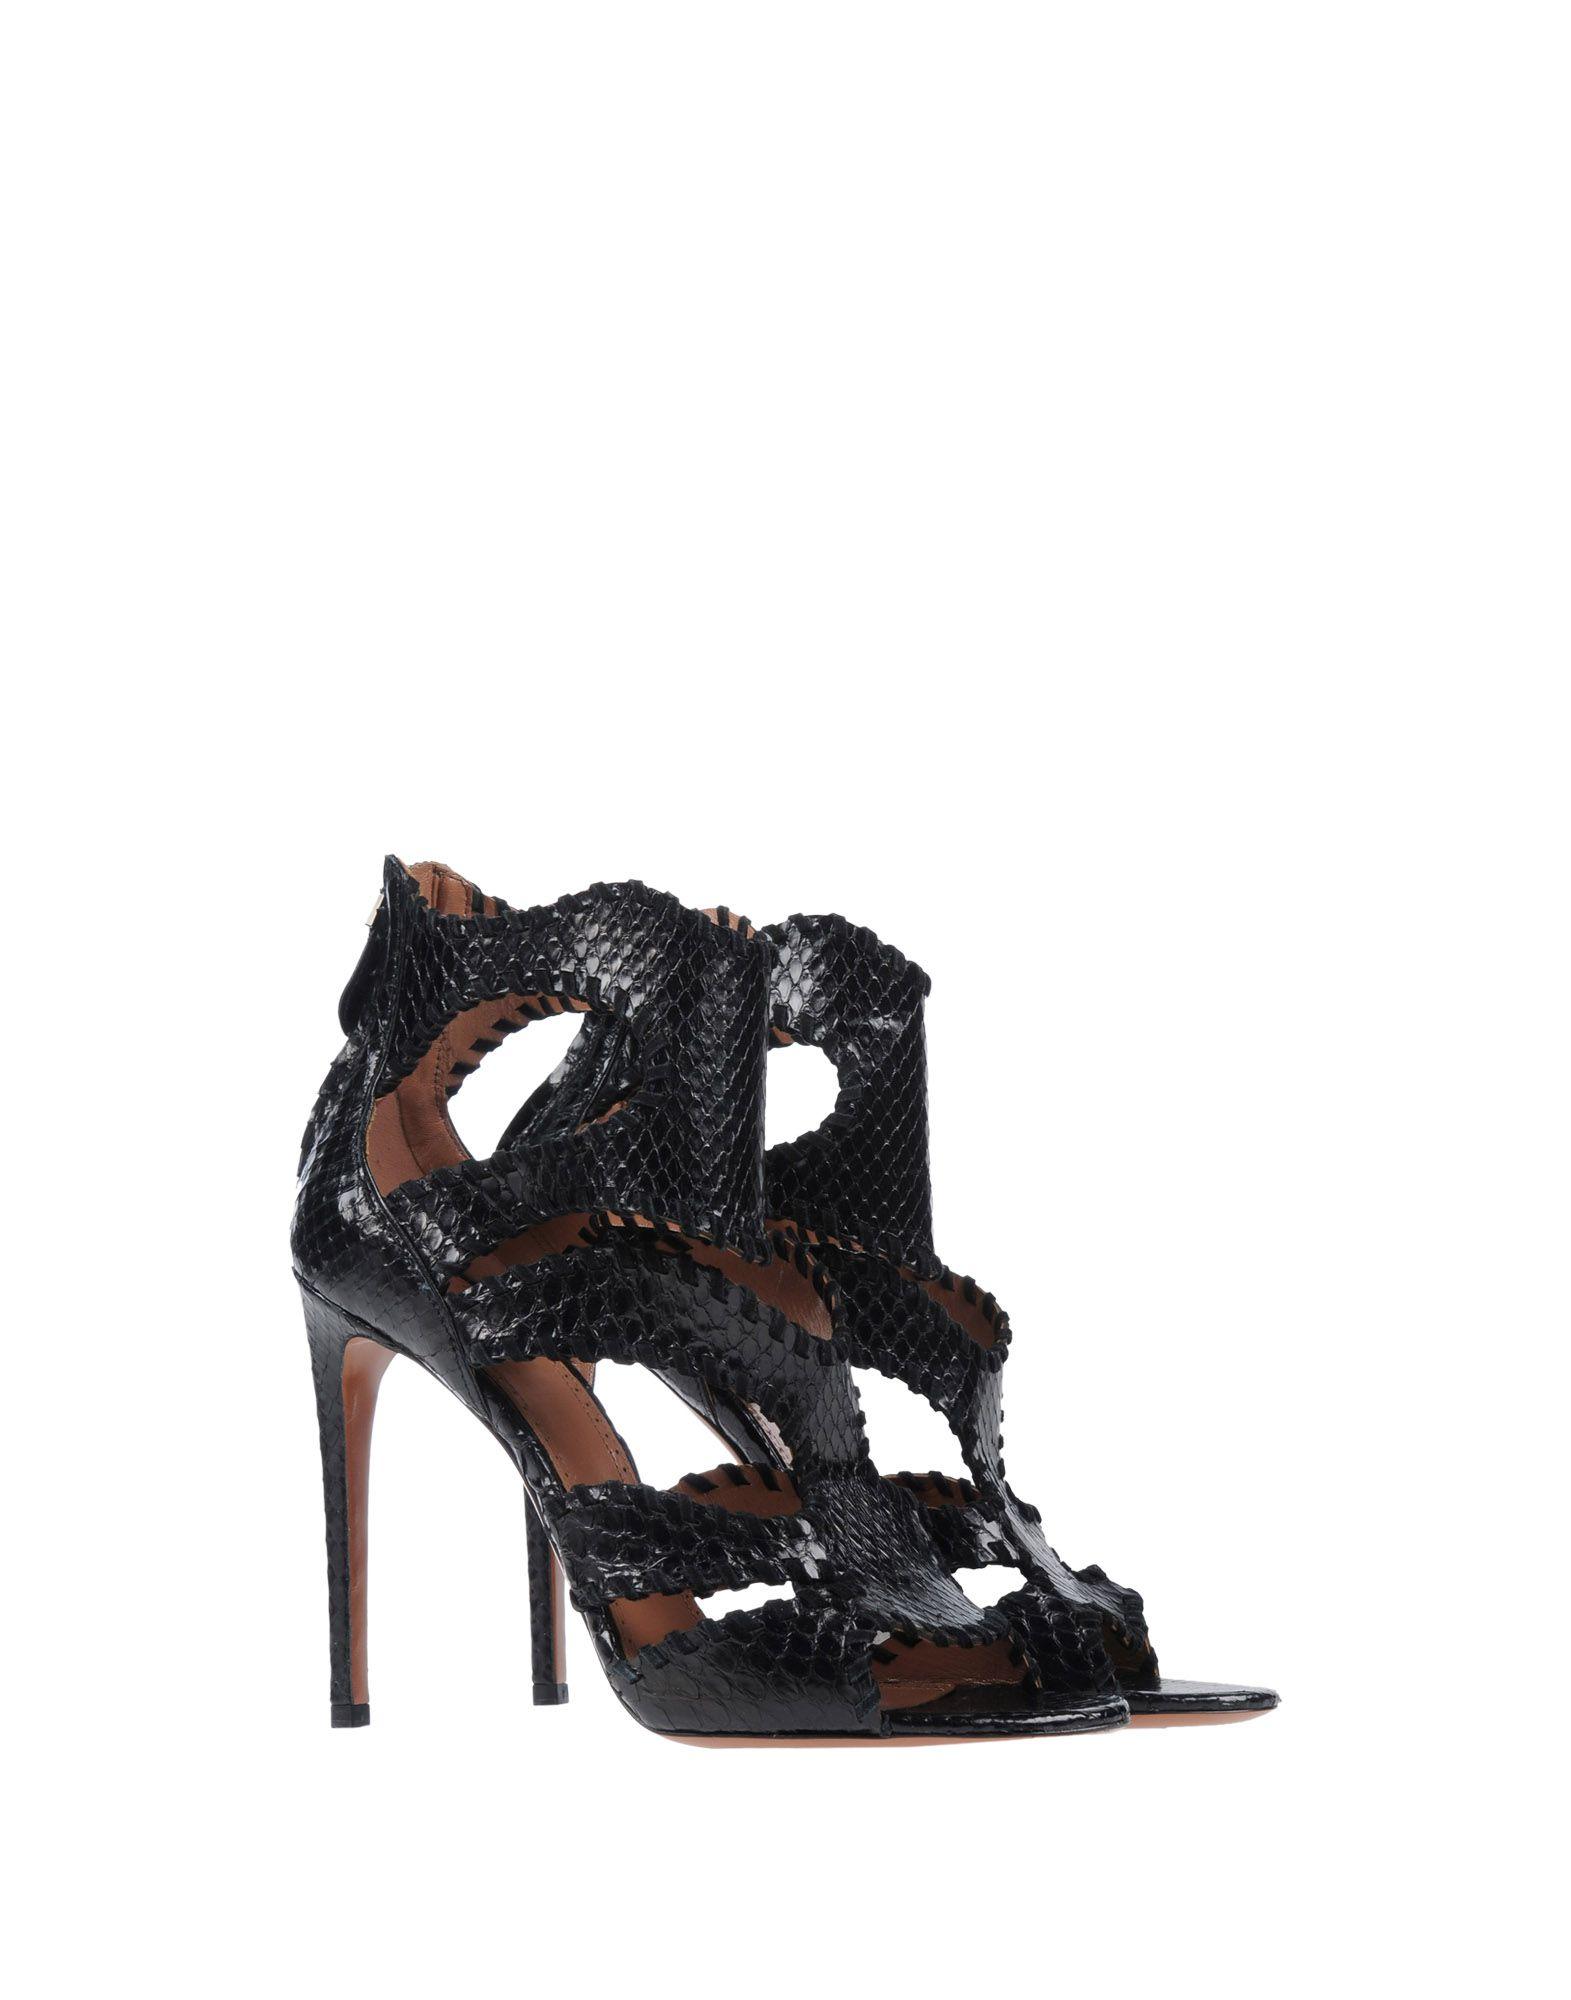 Alaïa Sandalen Damen Schuhe  11477326RIGünstige gut aussehende Schuhe Damen 2d506b